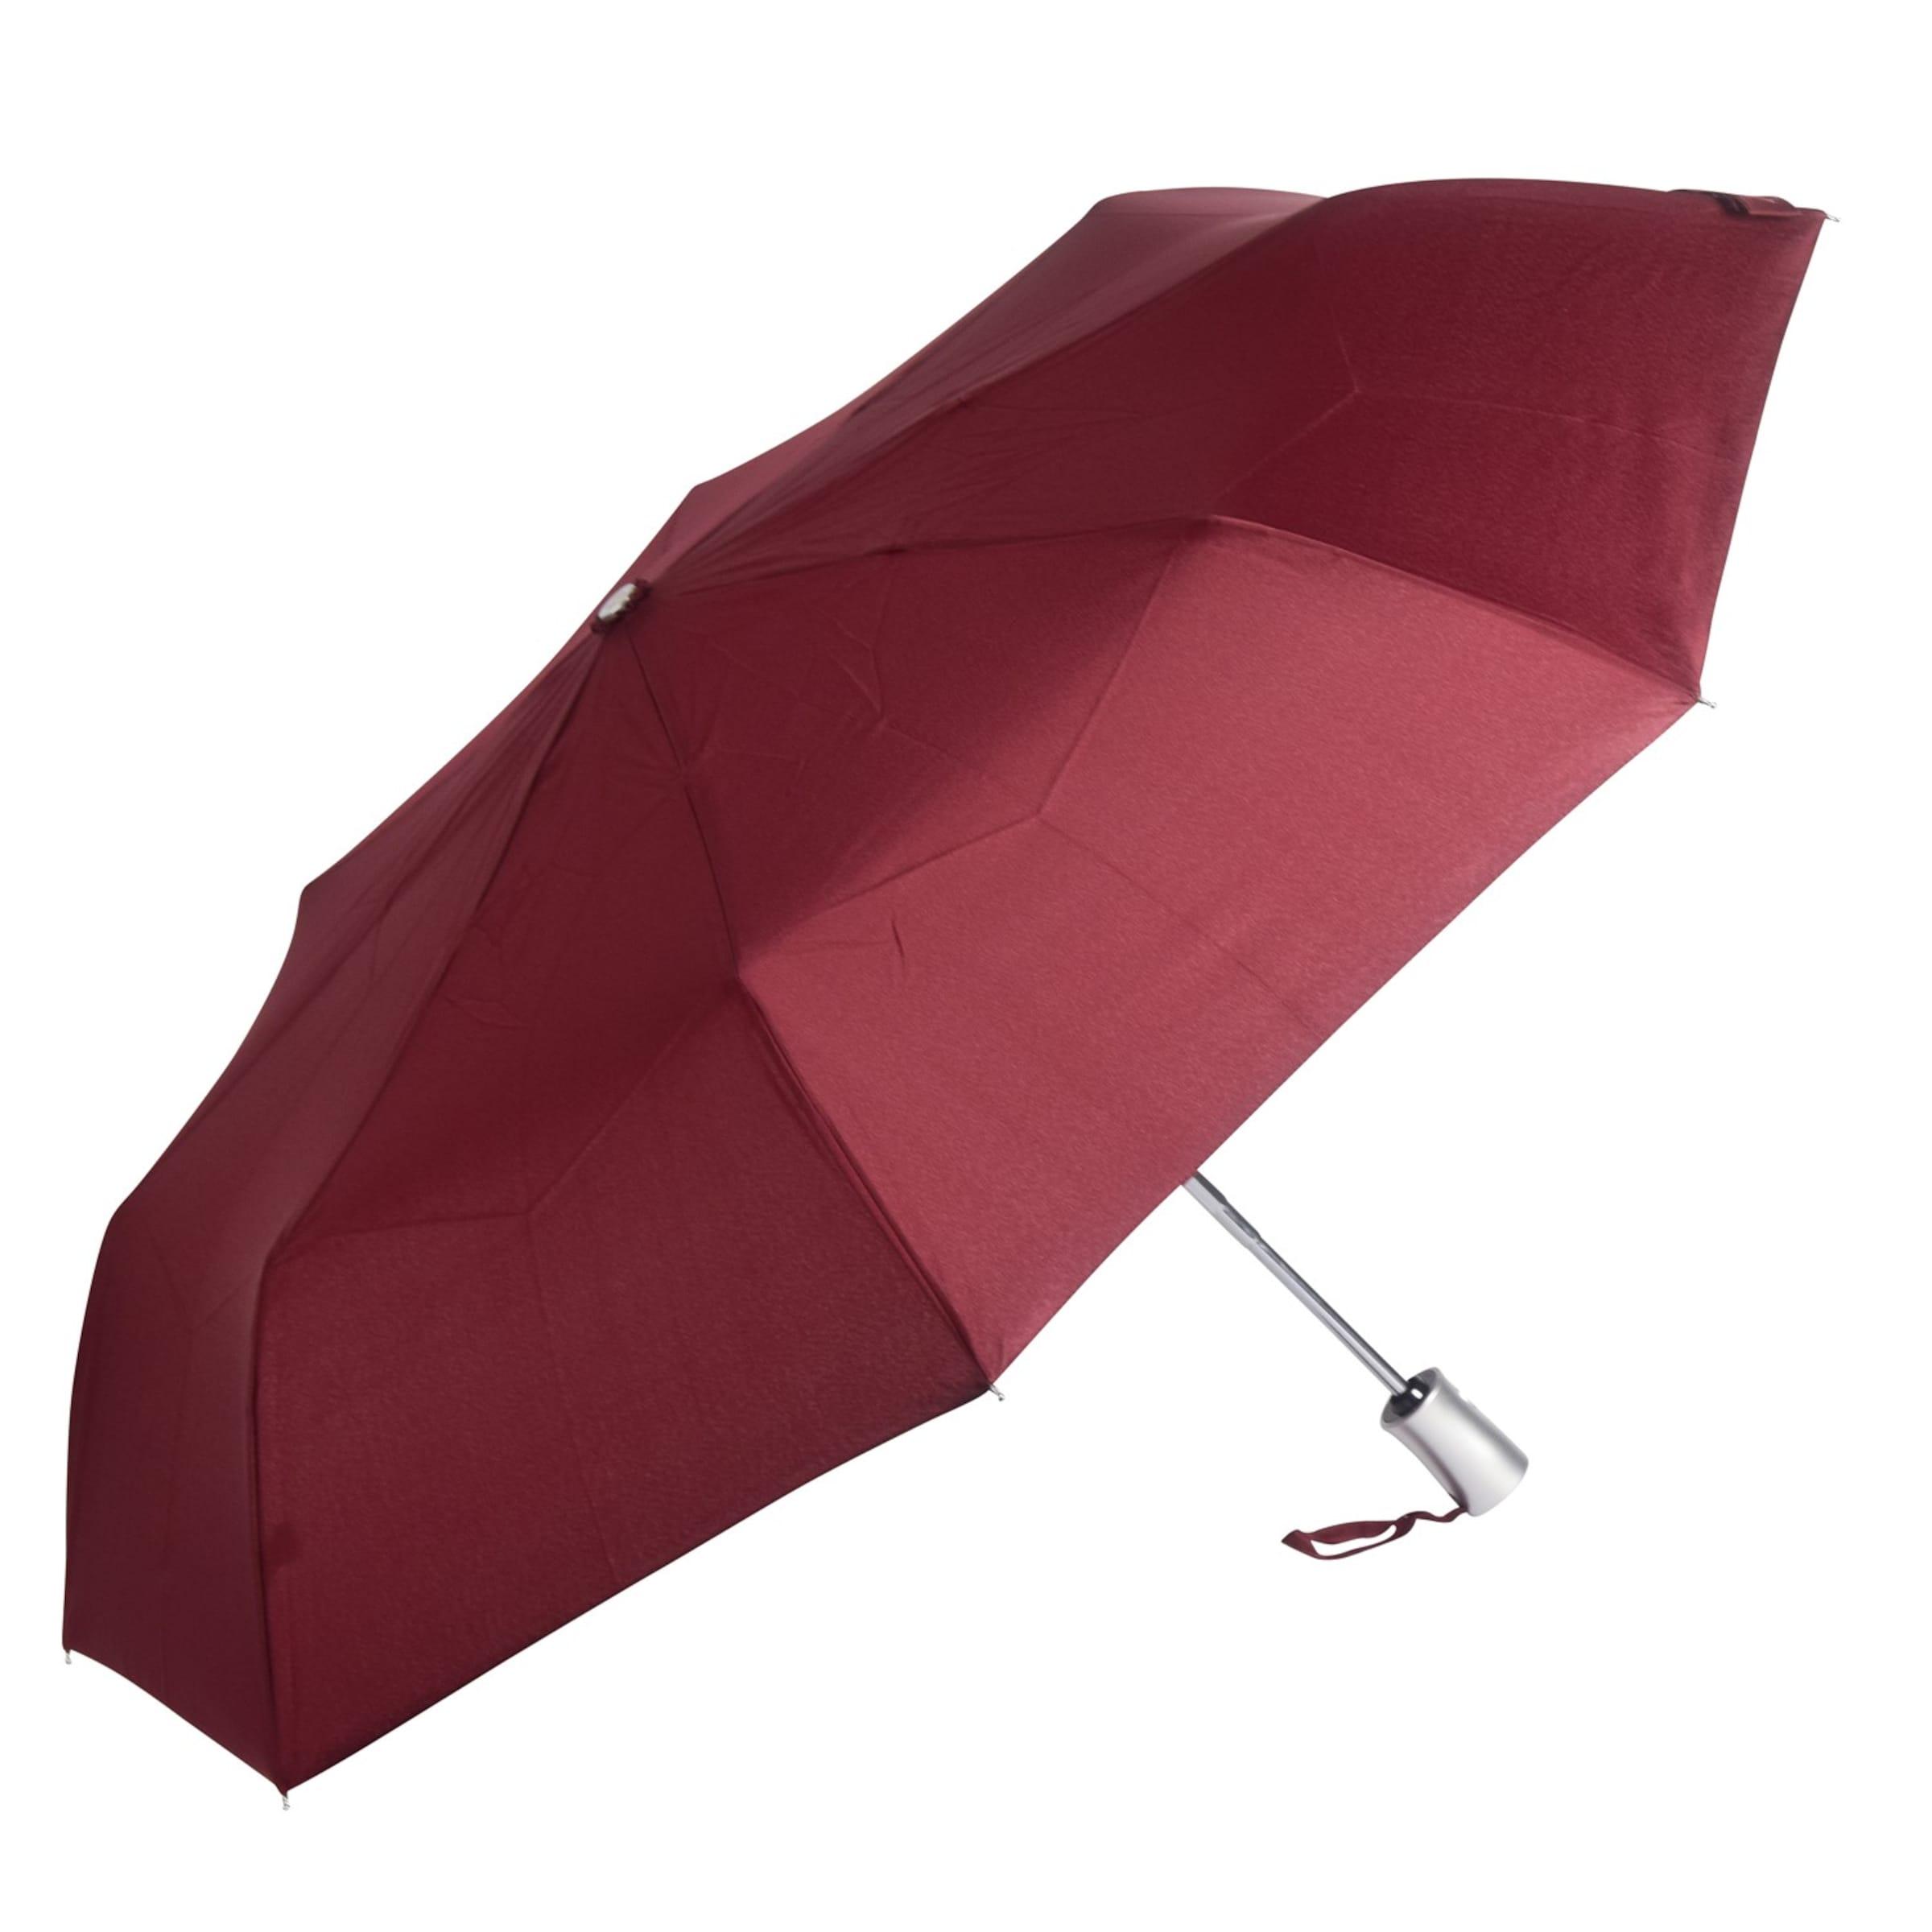 SAMSONITE 'Rain Pro' Taschenschirm 28 cm Kaufen Sie Günstig Online Die Günstigste Online Durchsuchen Verkauf Online Billig Rabatt Verkauf Manchester Verkauf Online scX1VXDdq6